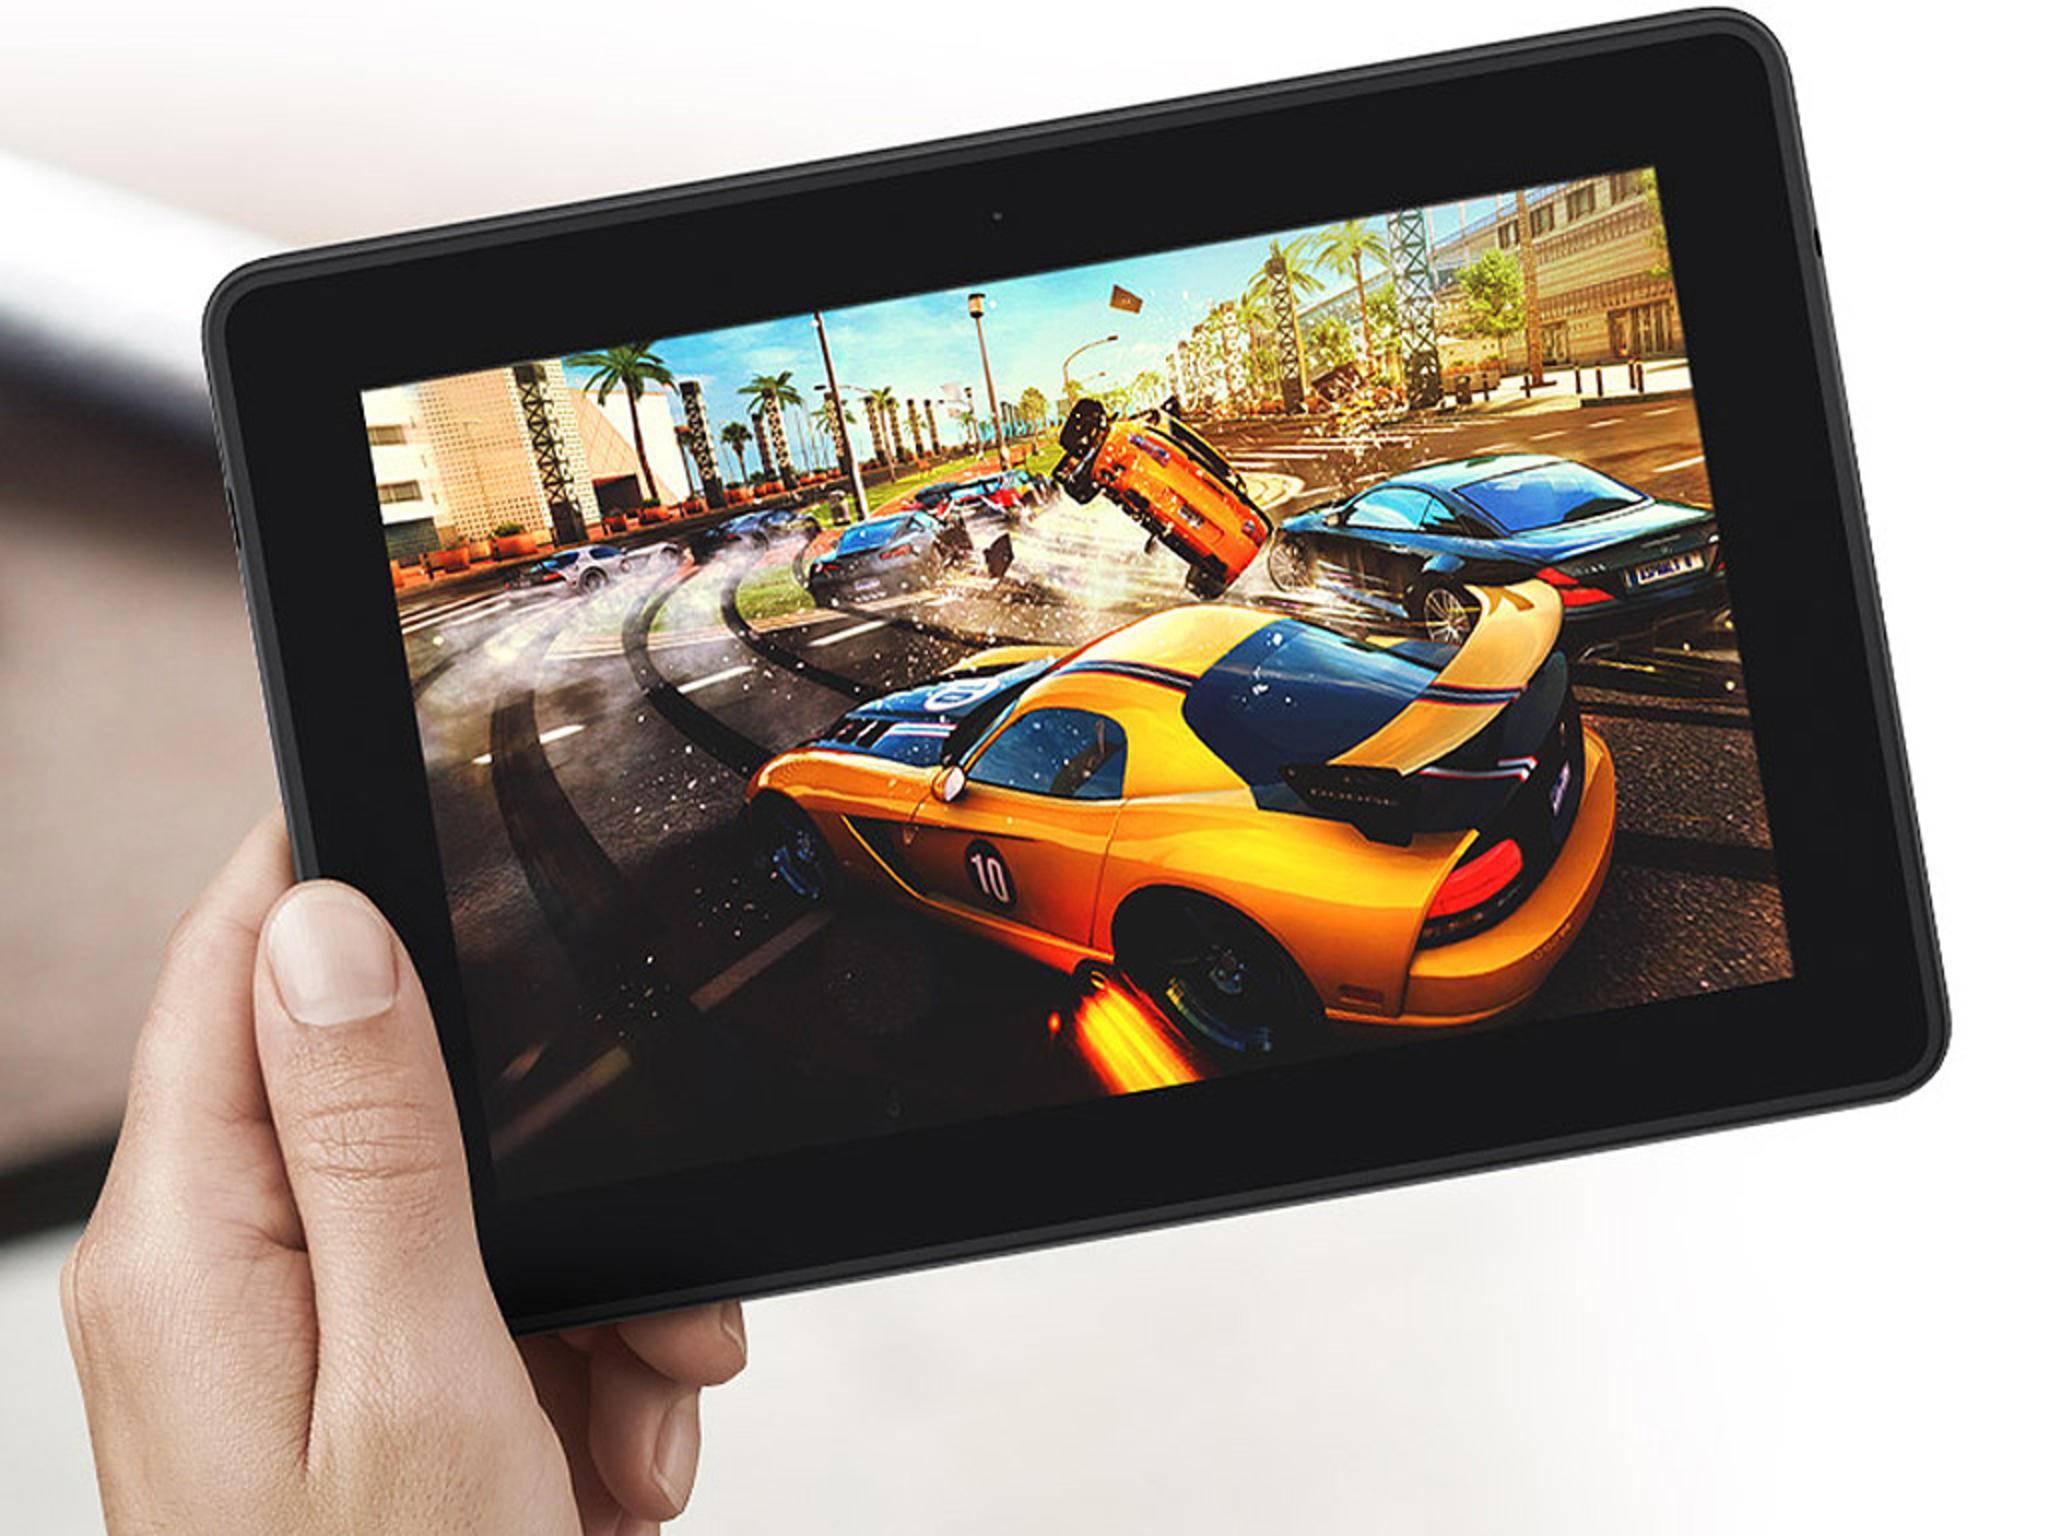 Amazon plant offenbar ein neues Billig-Tablet, das den Markt gehörig aufmischen soll.